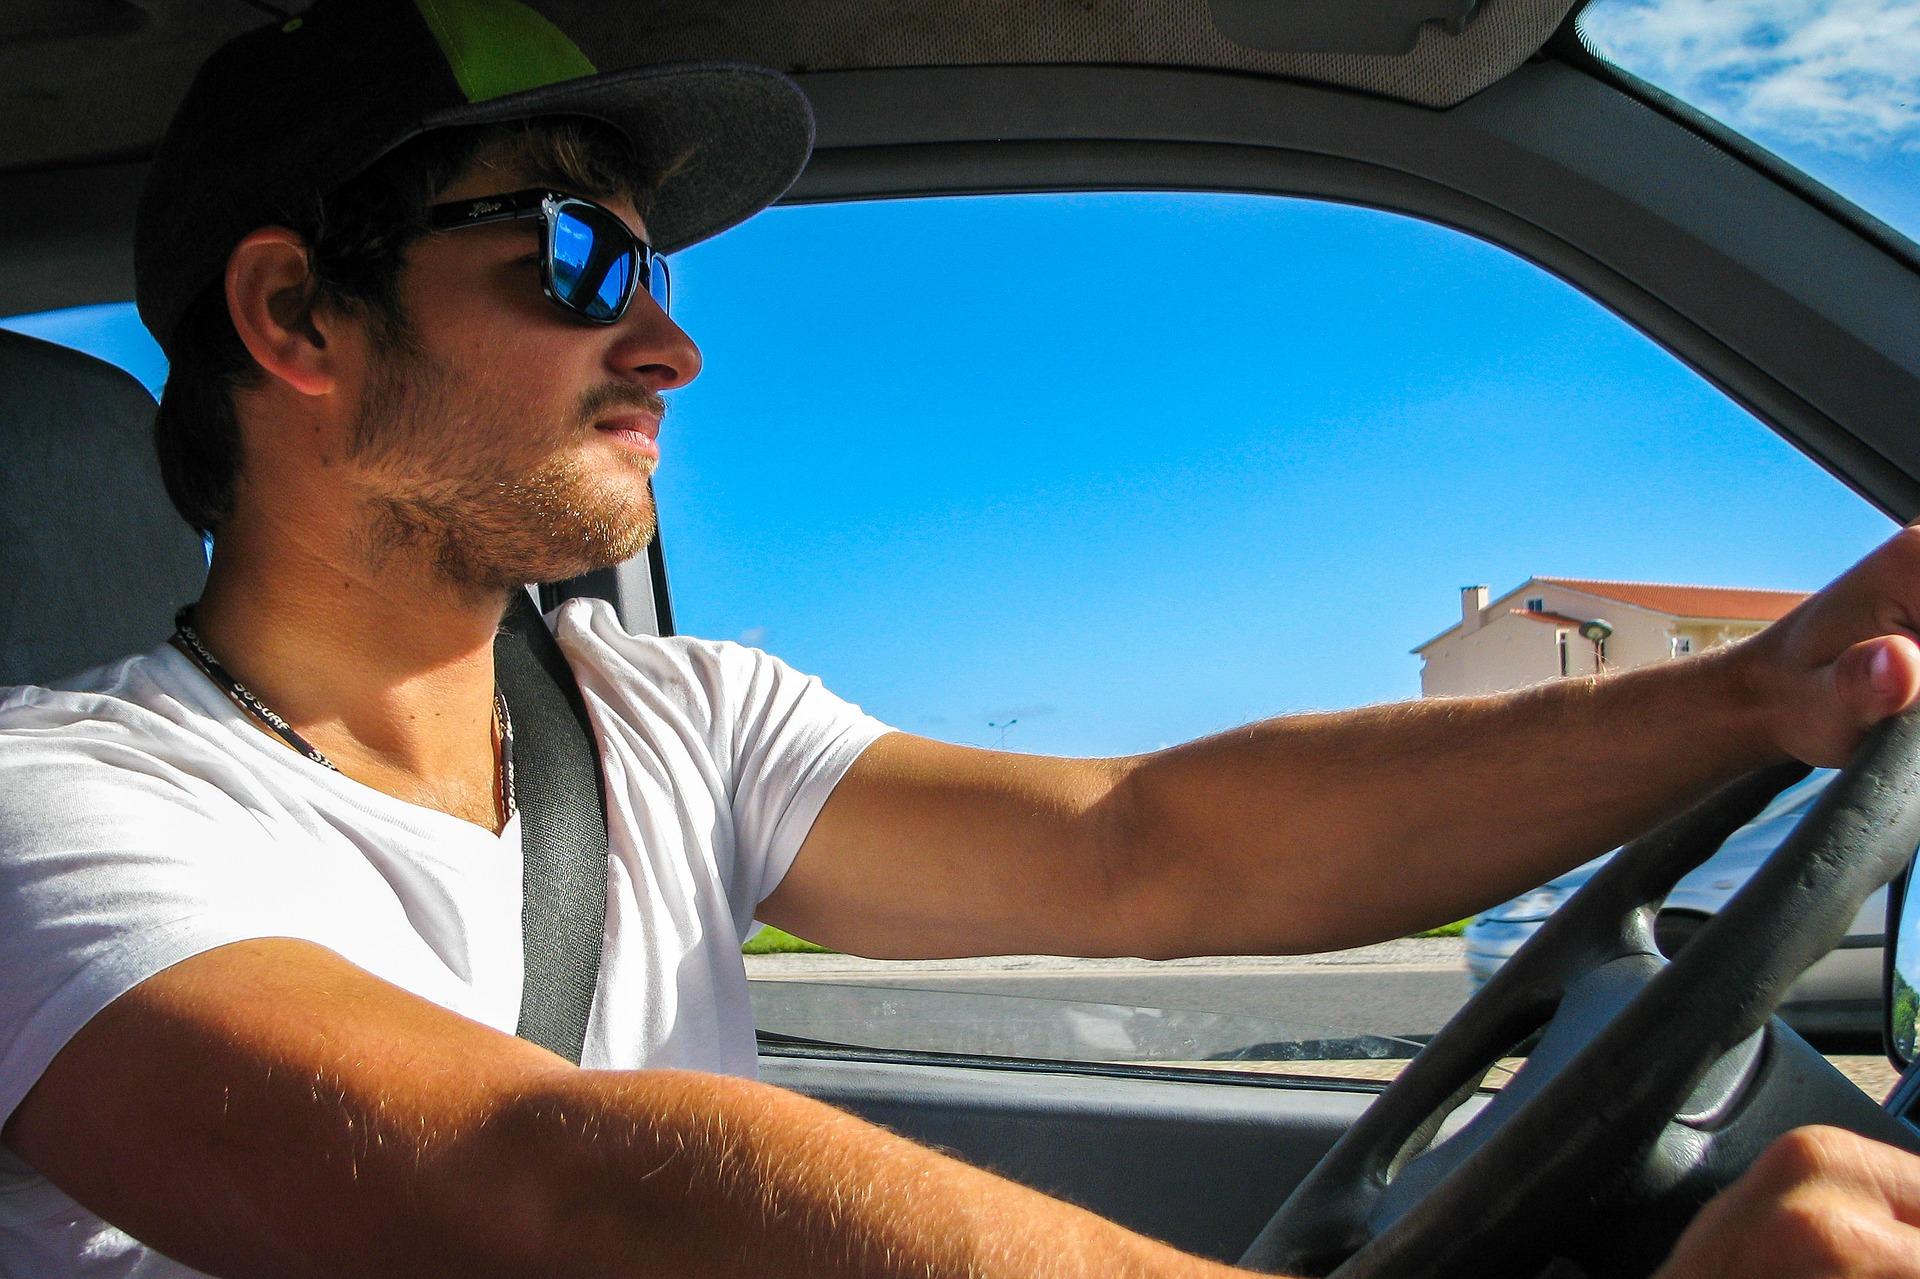 Une_housse_de_voiture_peut_elle_protéger_votre_voiture_des_dommages_causés_par_le_soleil_?